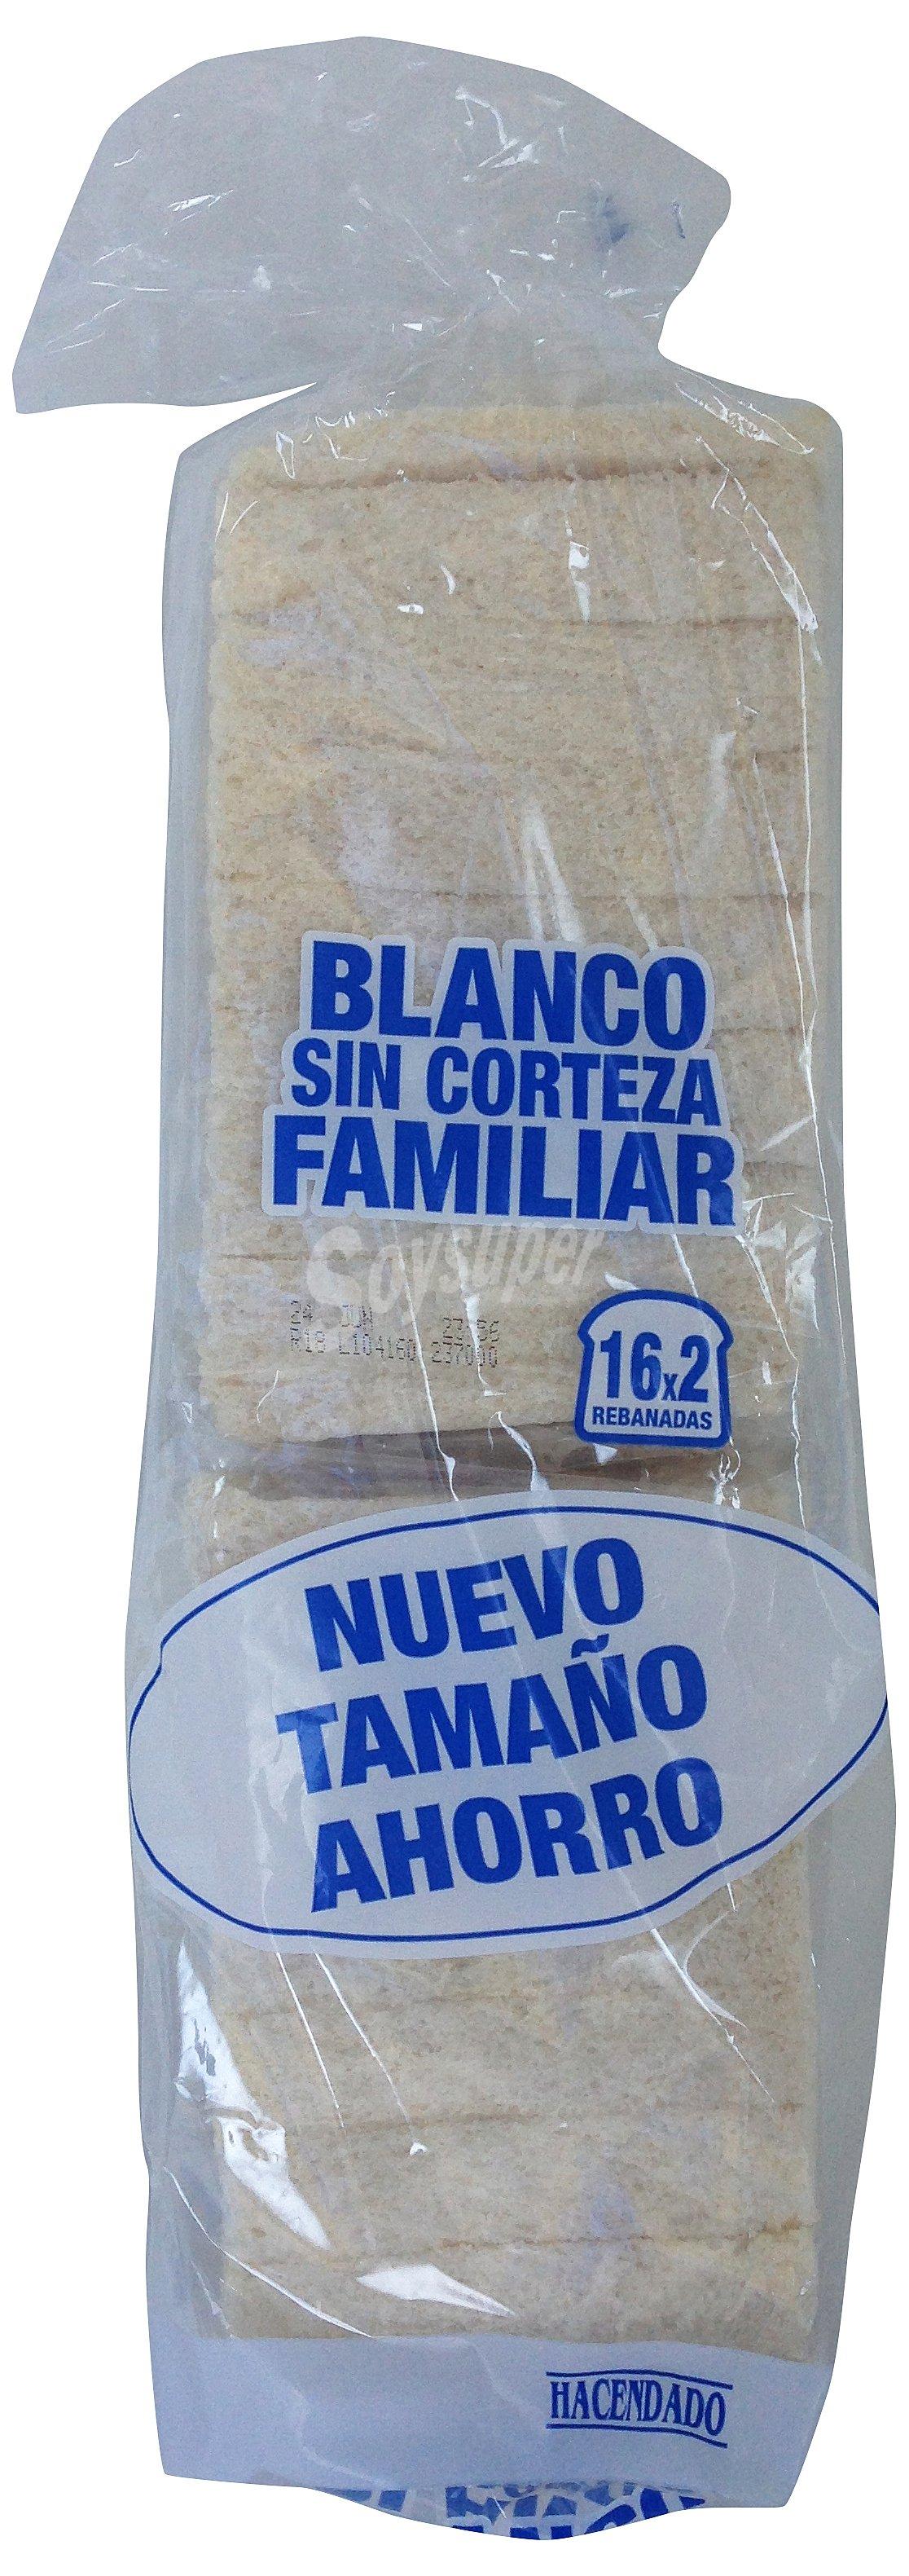 Hacendado Pan molde blanco sin corteza familiar (2